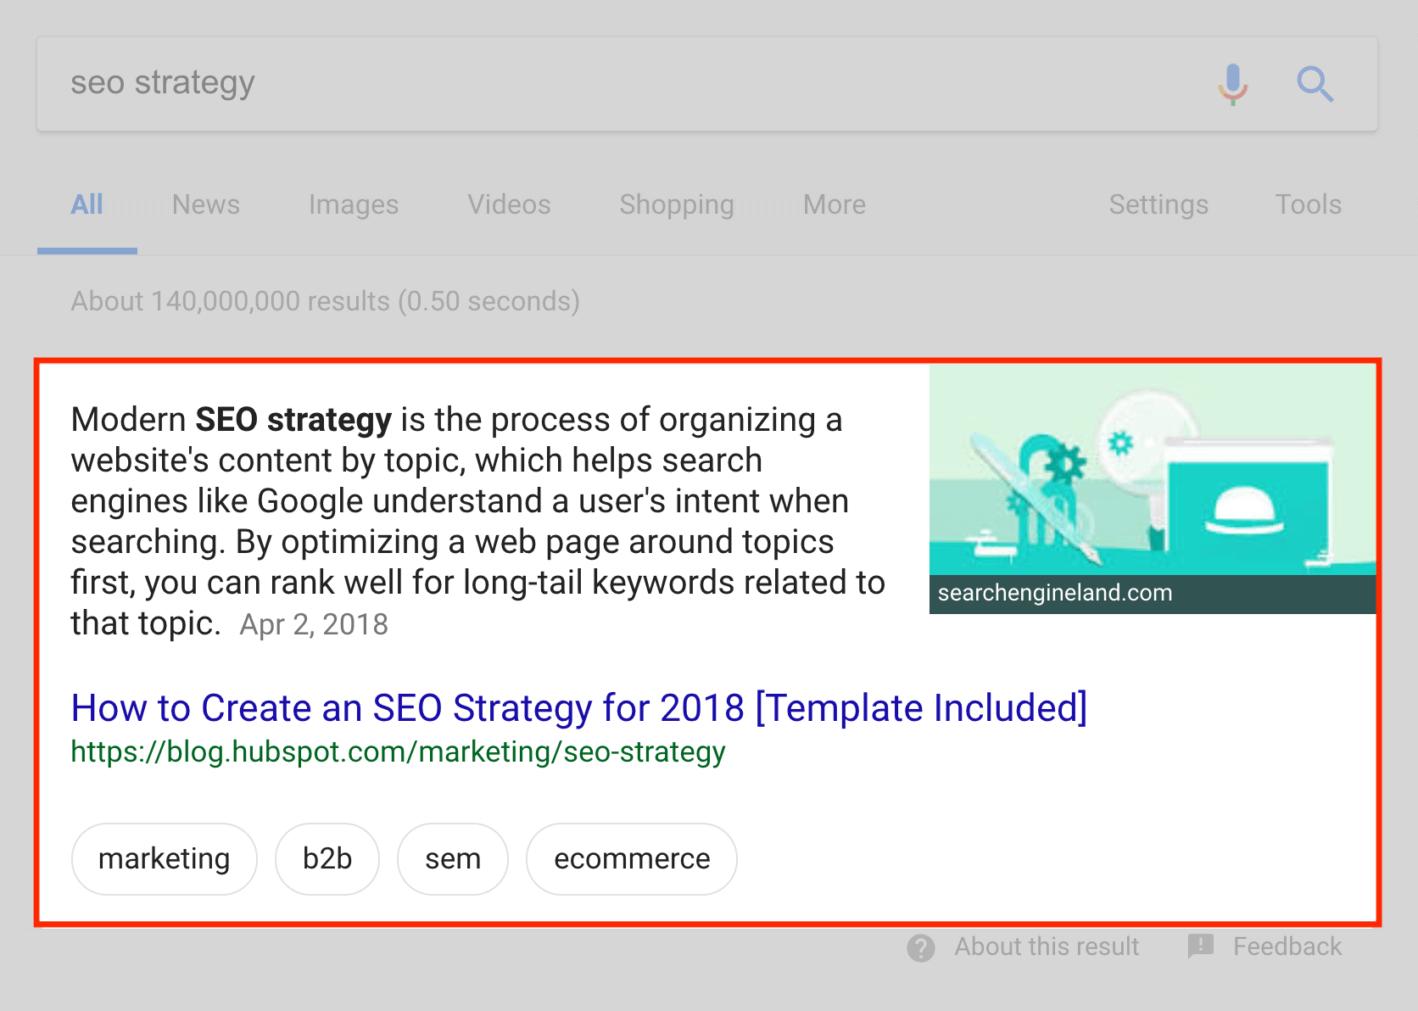 абзац с блоке расширенных результатов поиска гугл